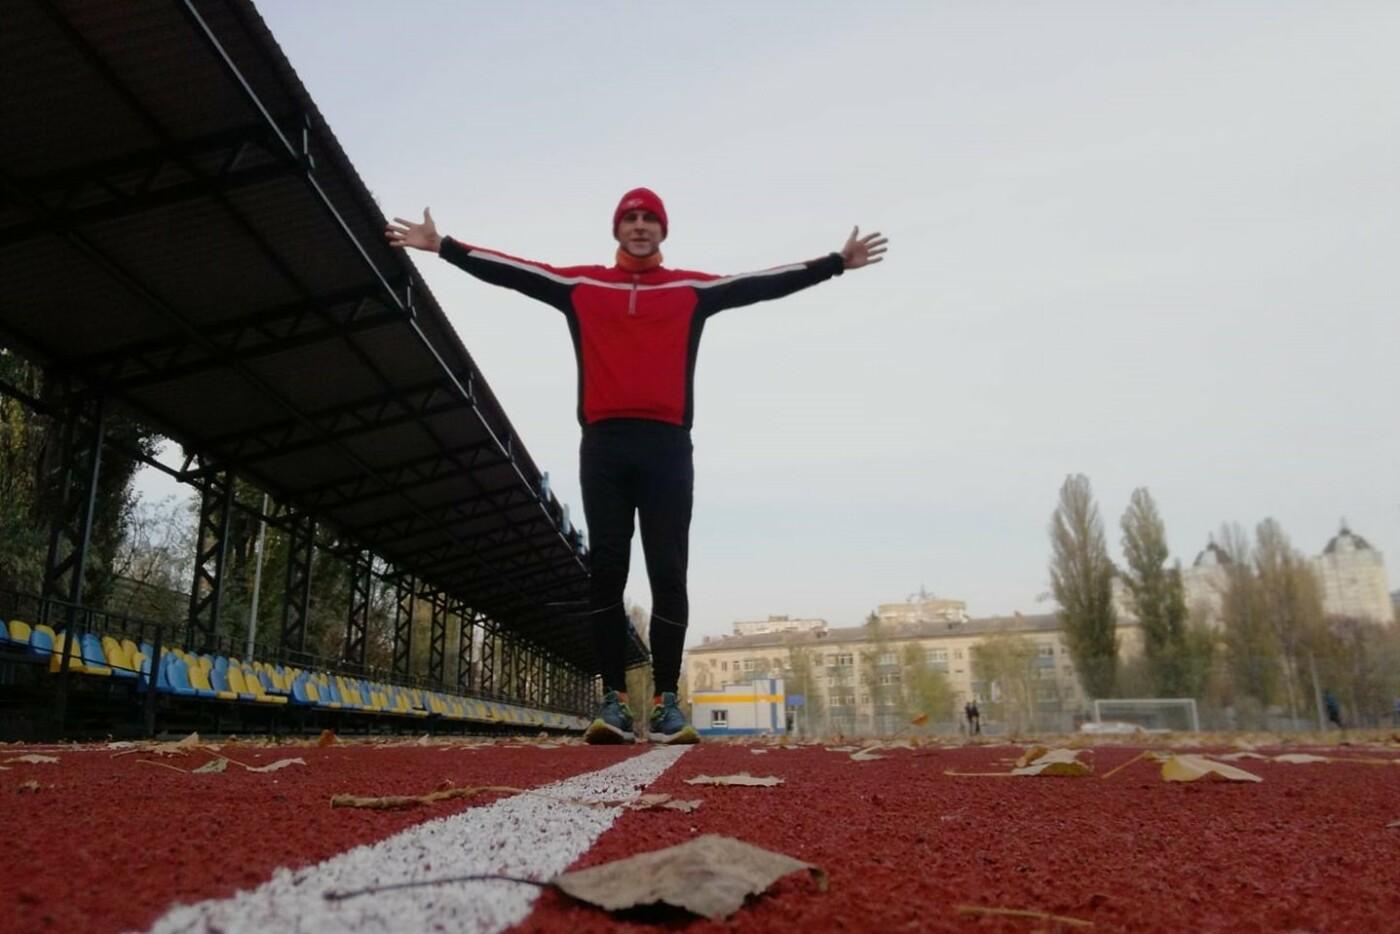 Рисунки на карте Киева: столичный спортсмен реализует необычный вид искусства и хочет установить рекорд